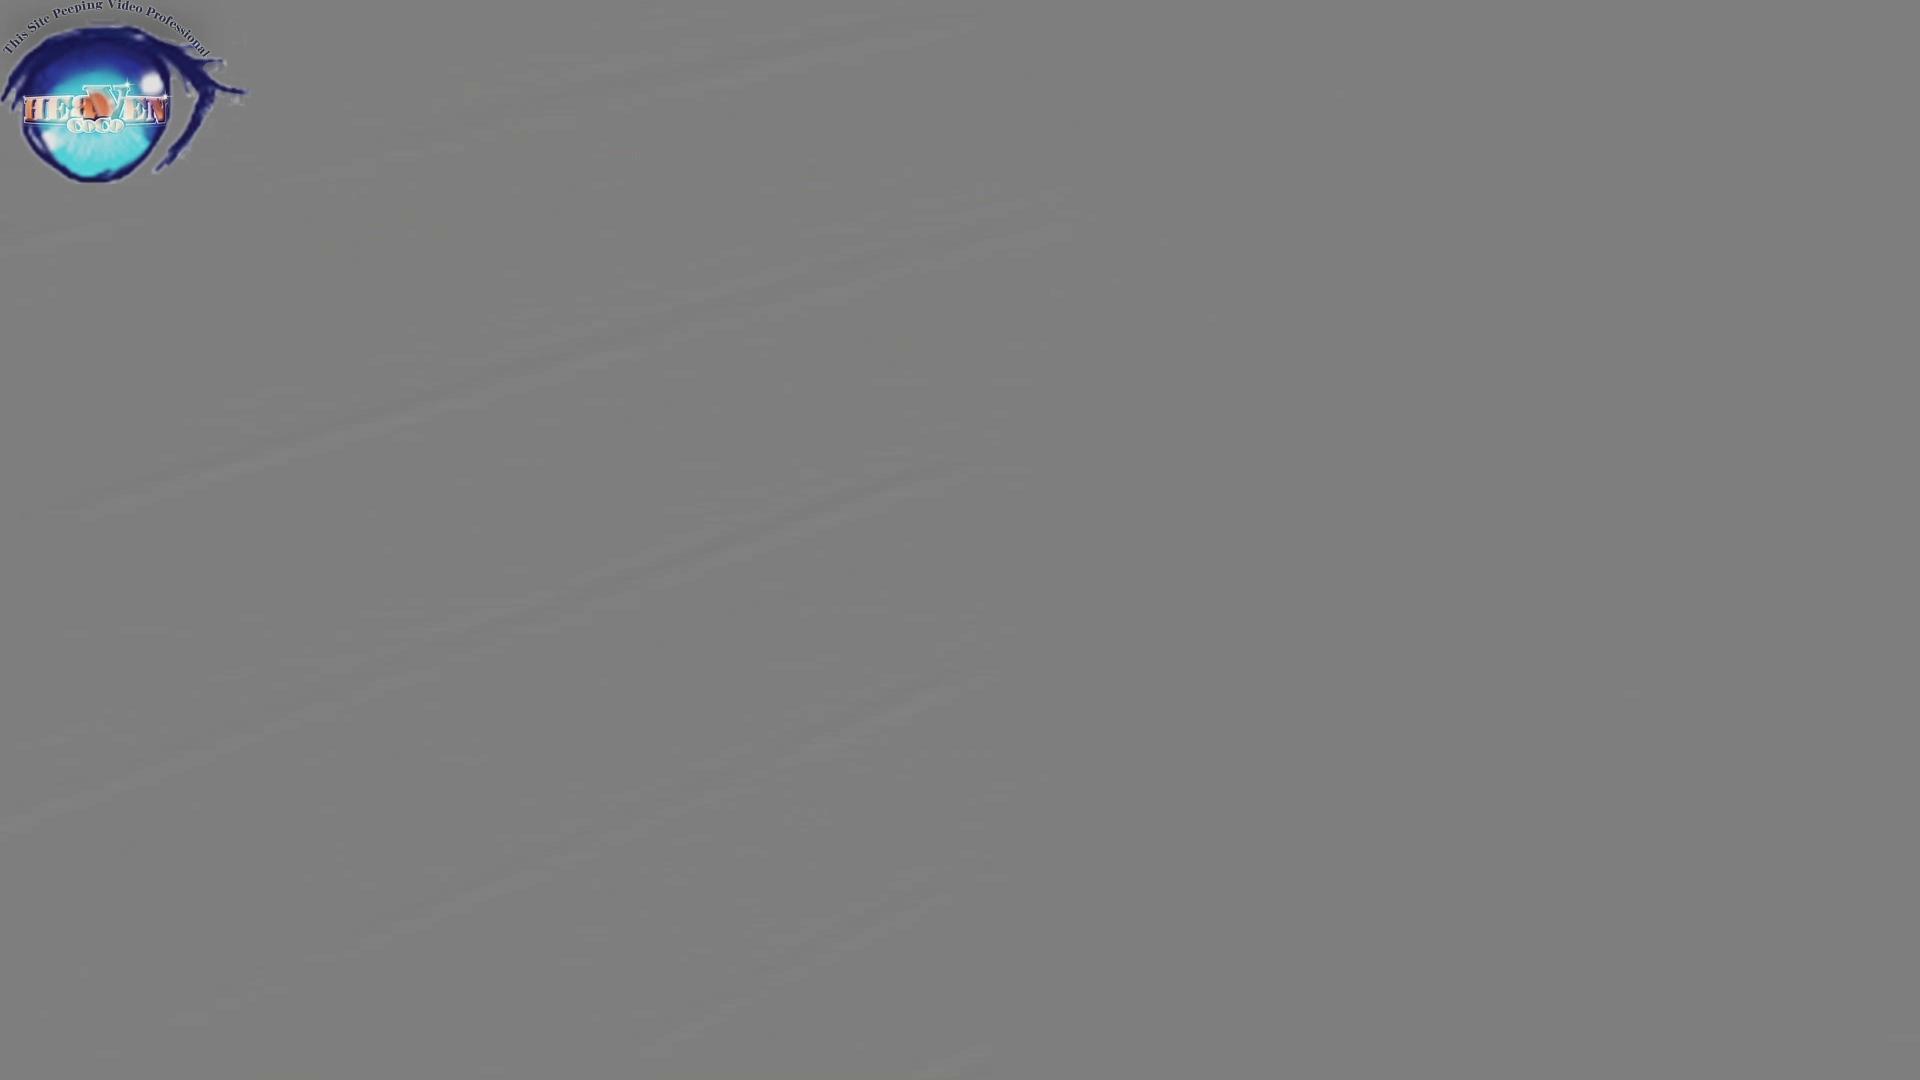 お銀さんの「洗面所突入レポート!!」 vol.65 美女を撮るためにみんなの前に割り込む!!前編 洗面所突入 | 美女丸裸  96pic 55